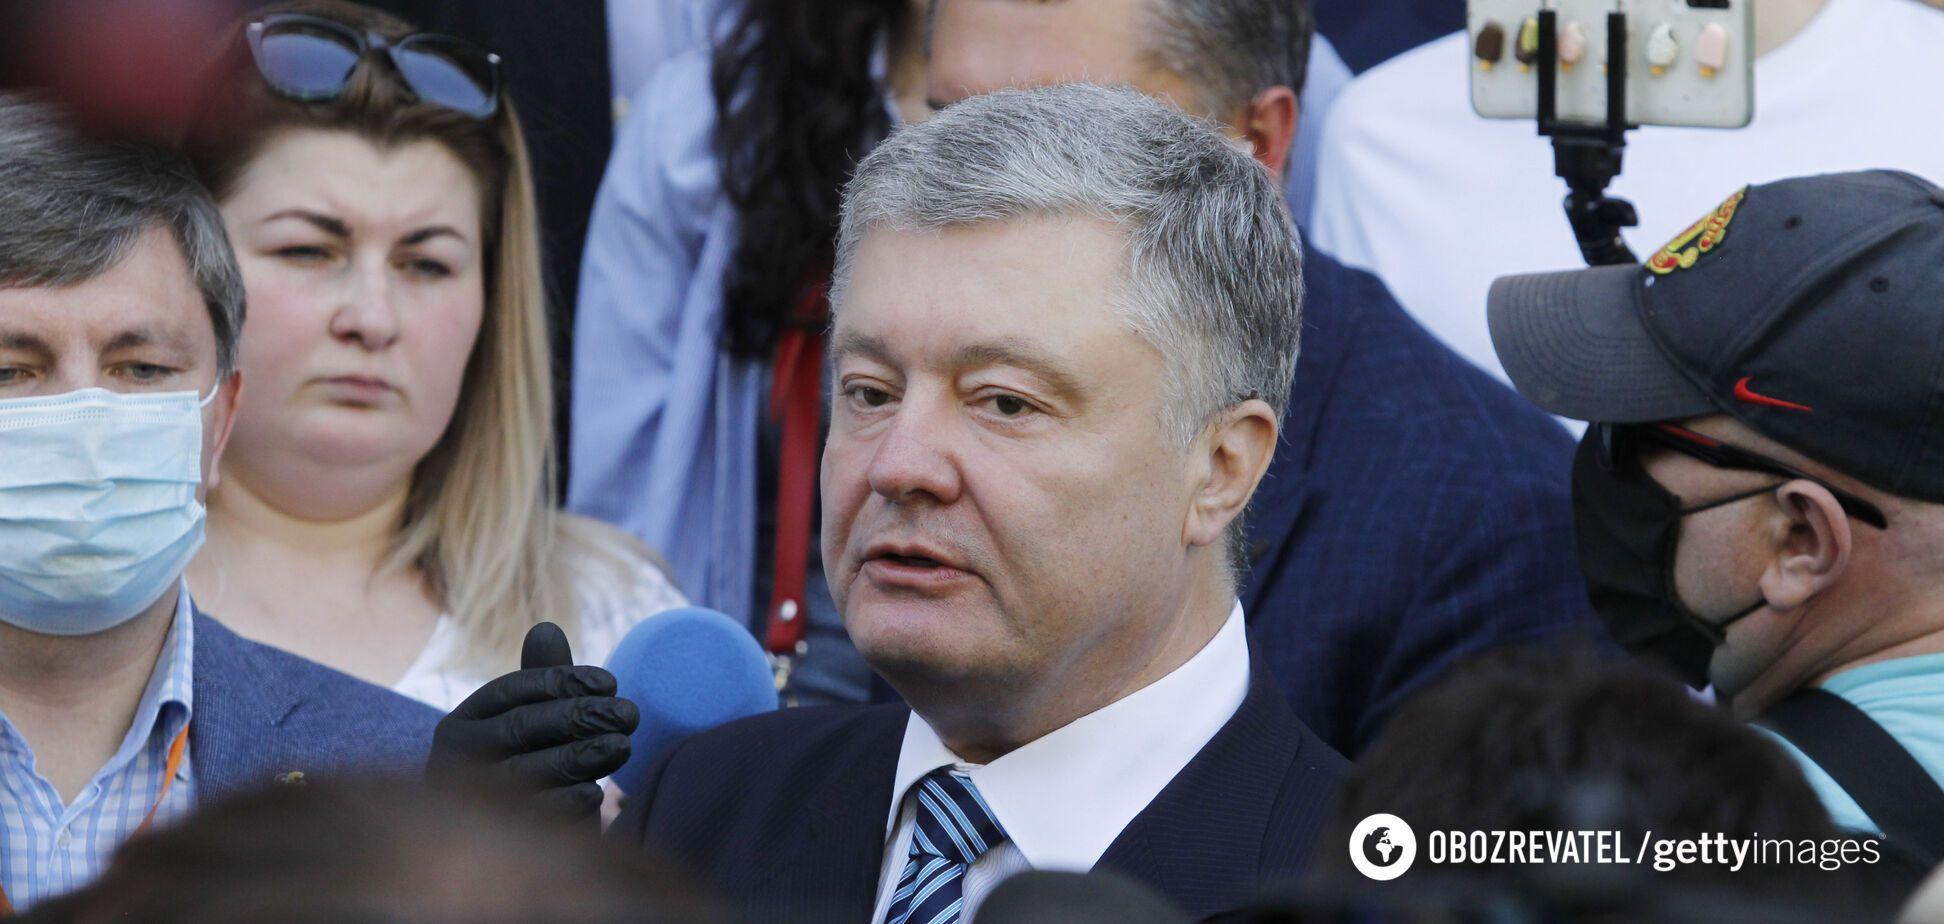 Порошенко могут арестовать в день похорон отца: адвокат выступил с заявлением